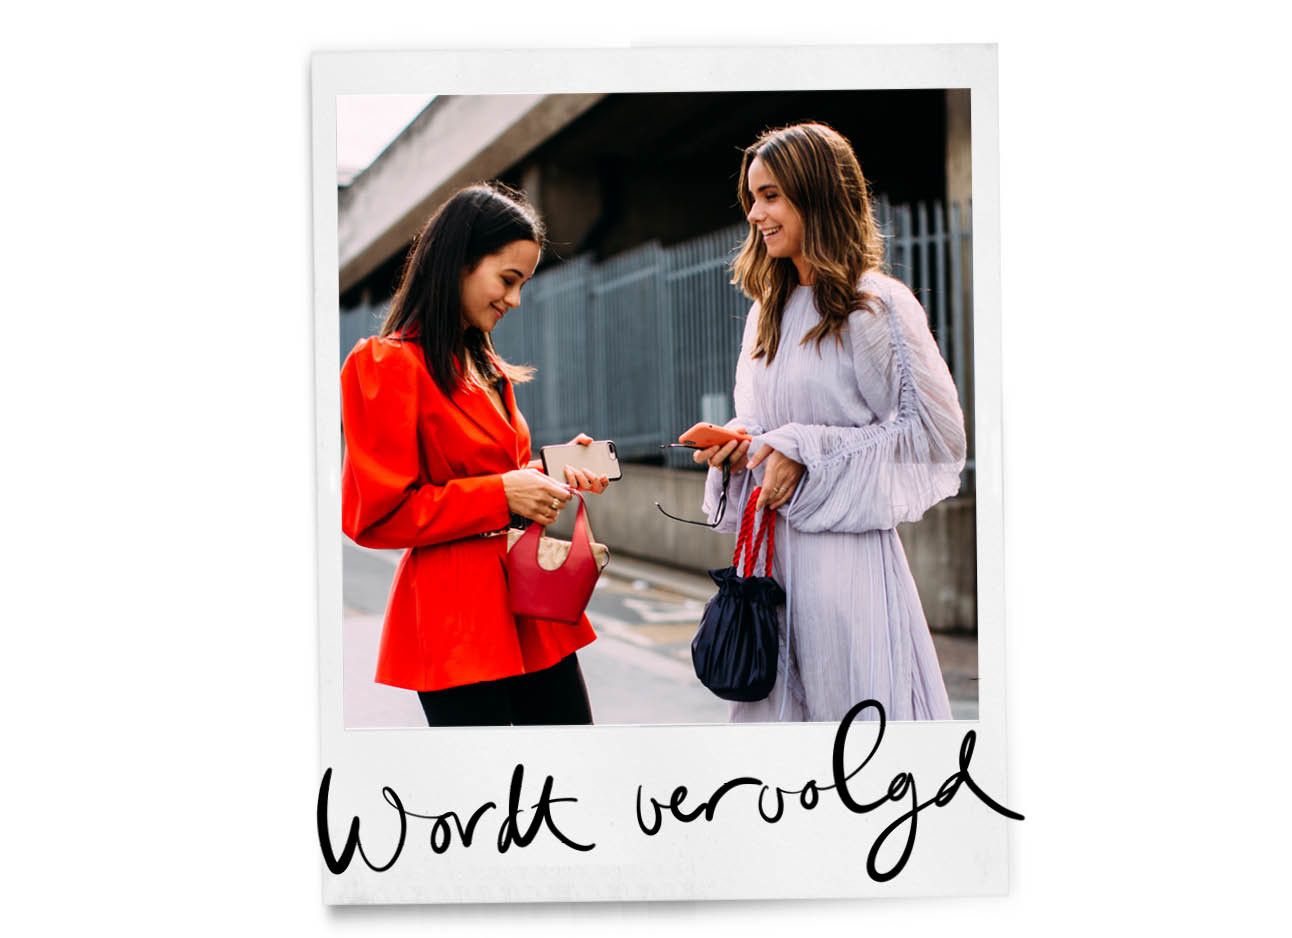 twee vrouwen met telefoon in hun handen